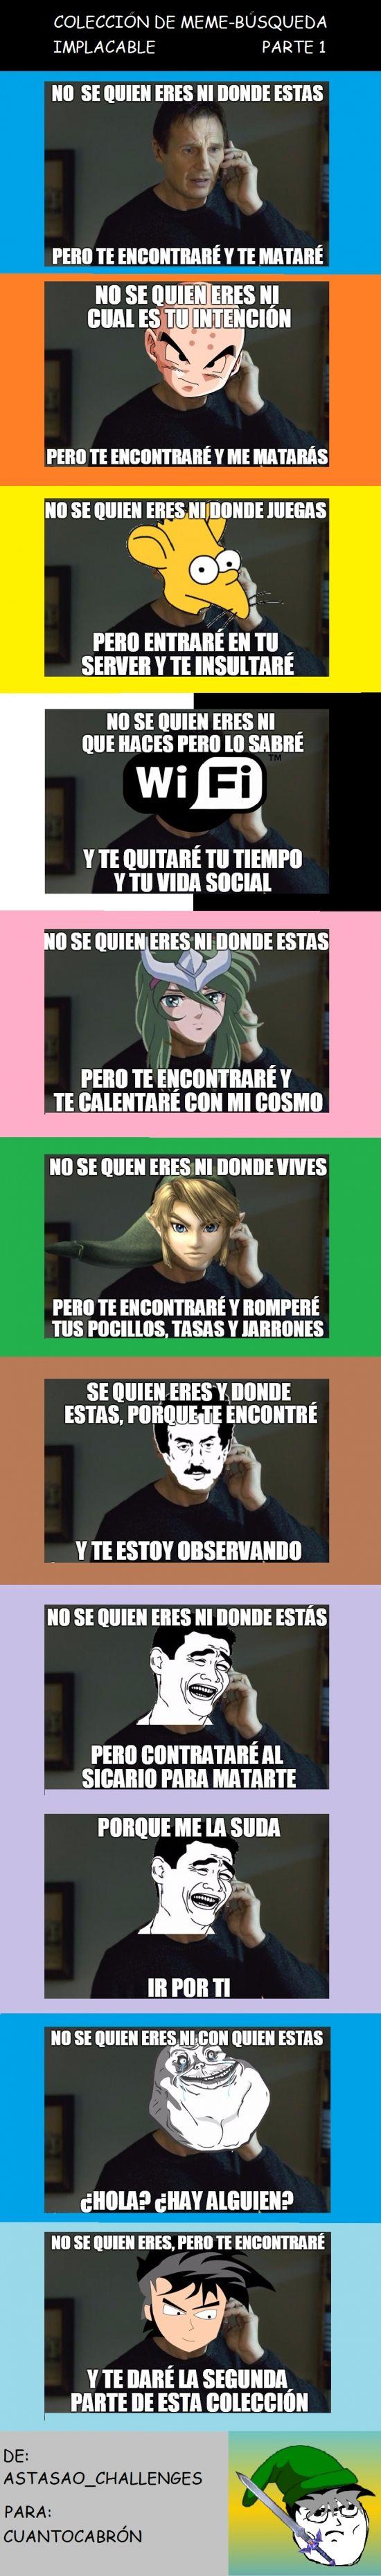 ★★★★★ Memes para facebook: No sé quién eres pero te haré reír con esta colección (Parte 1) I➨ http://www.diverint.com/memes-facebook-hare-reir-coleccion-parte-1/ →  #losmejoresmemesderisa #memescarasgraciosas #memesderisaparacomentar #memesesespañol #memeshumor